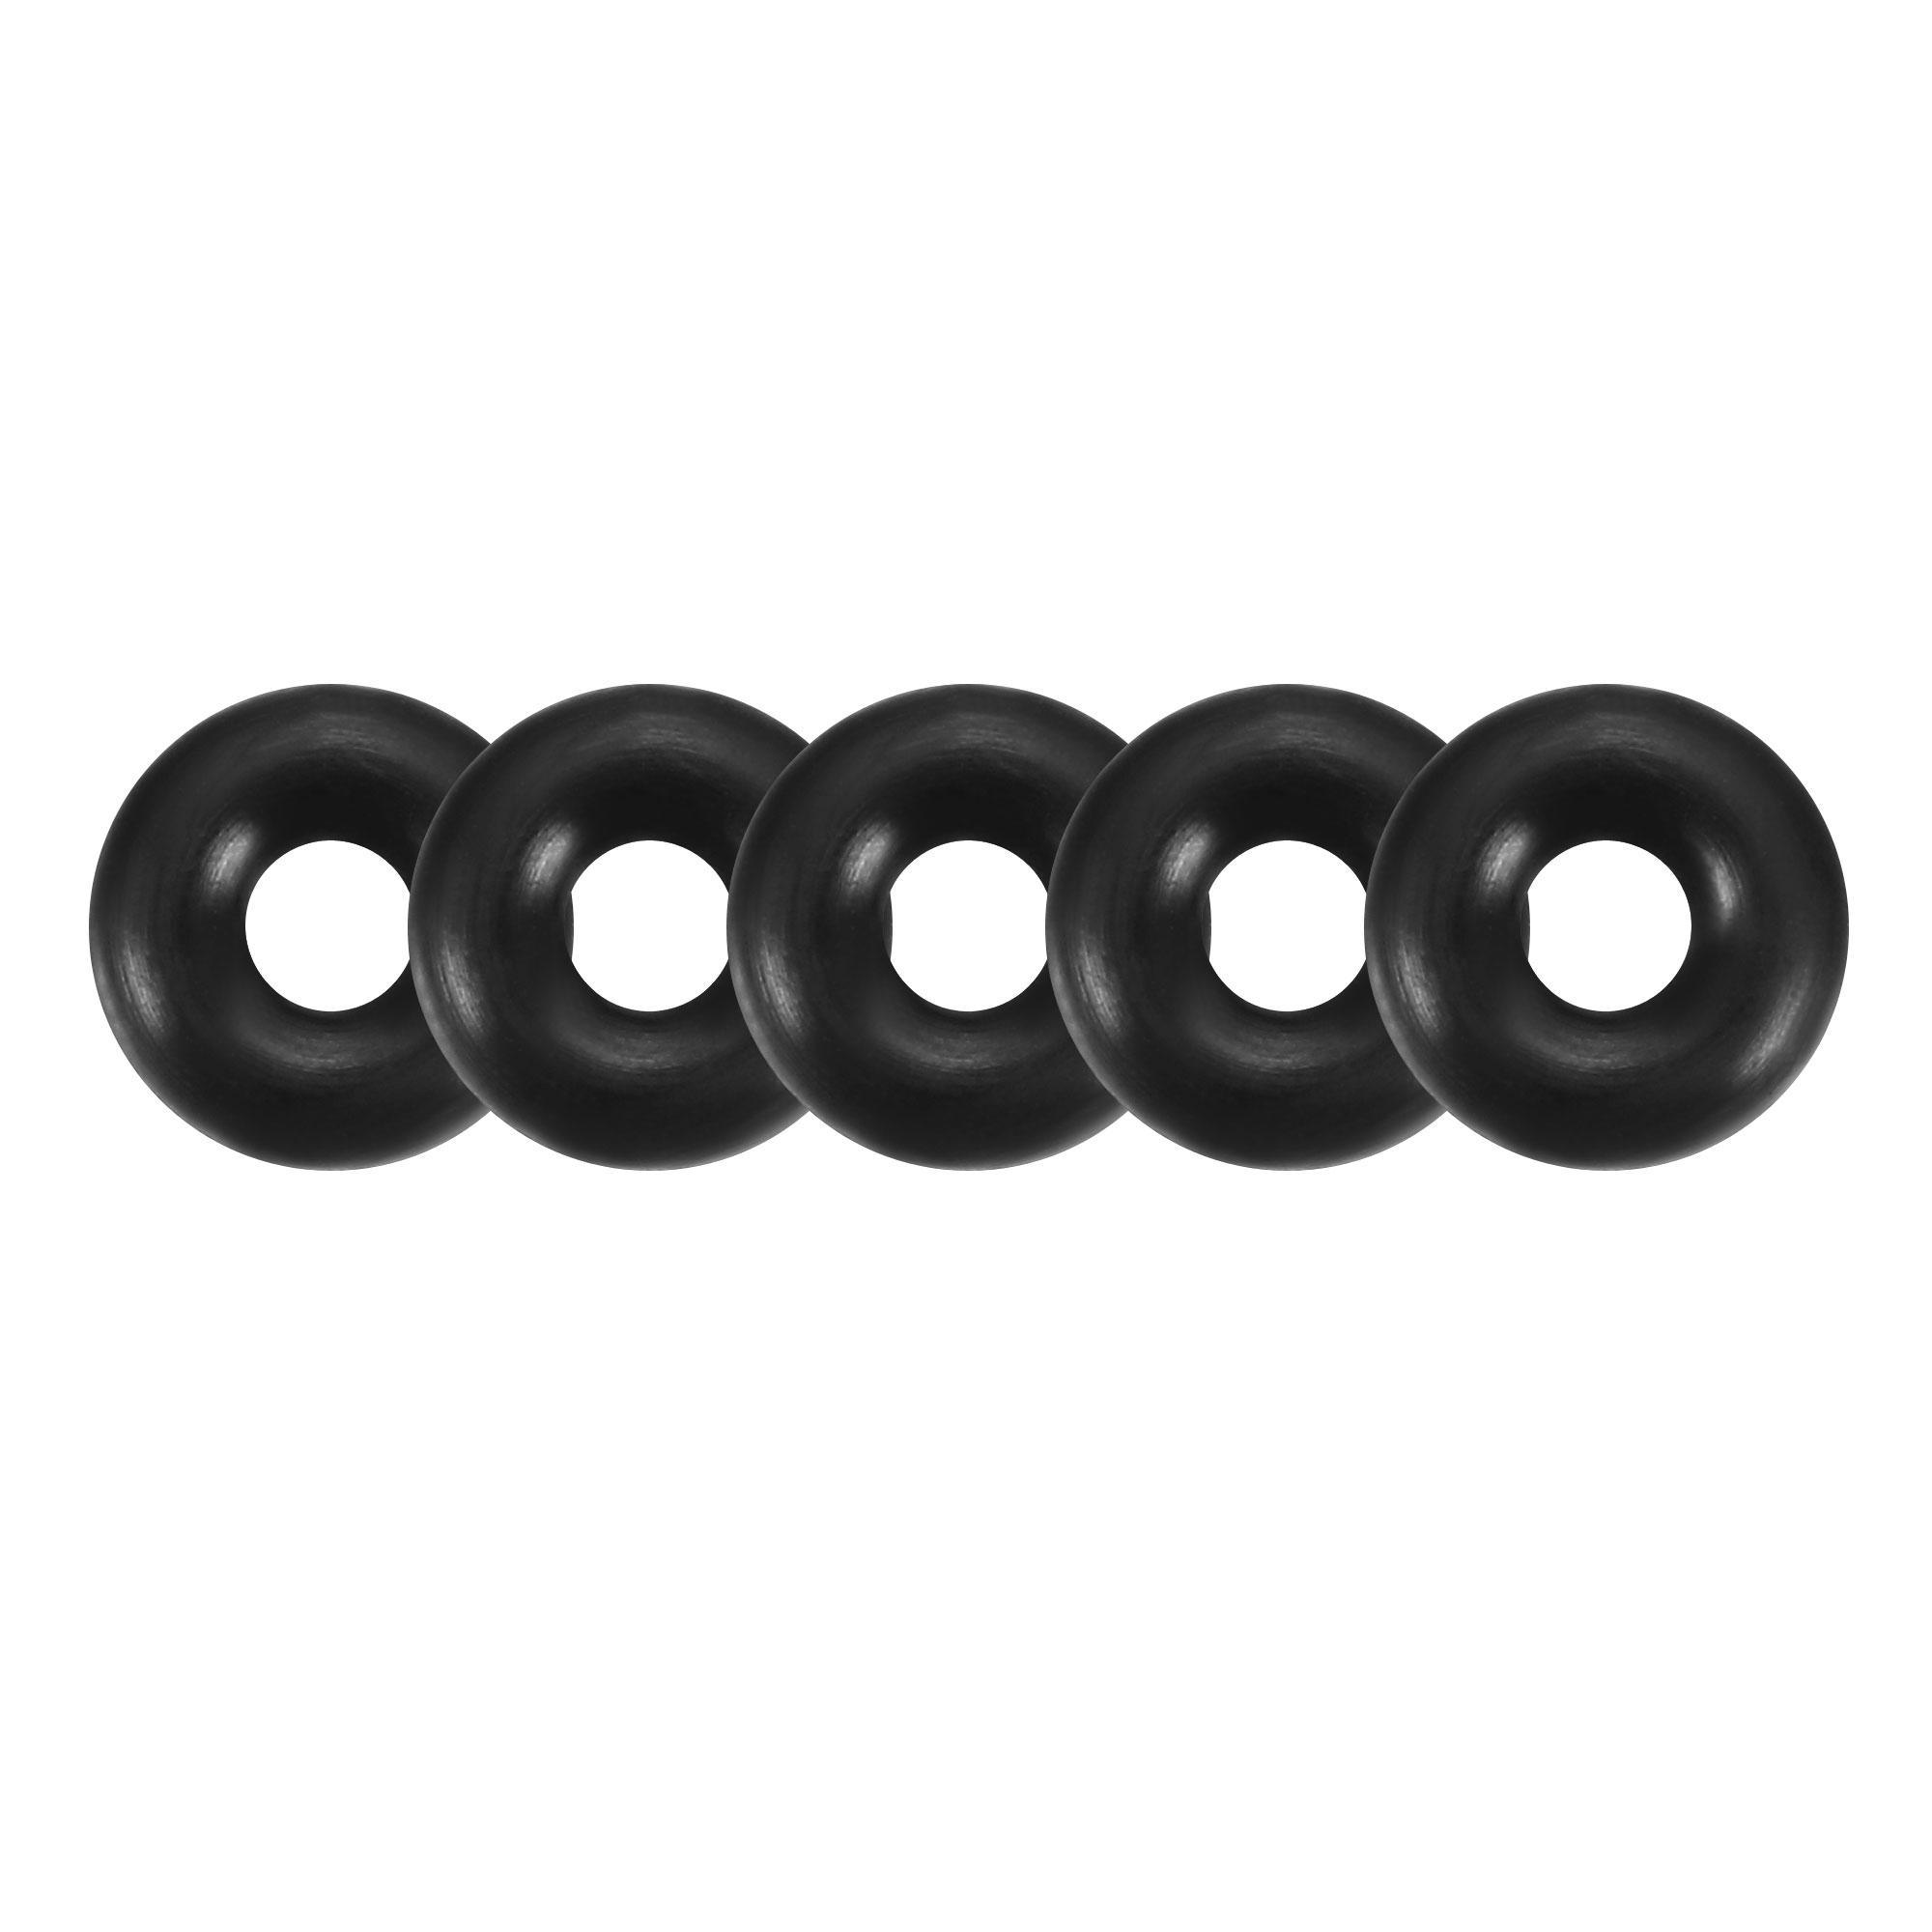 30pcs Black Nitrile Butadiene Rubber NBR O-Ring 2mm Inner Dia 2mm Width